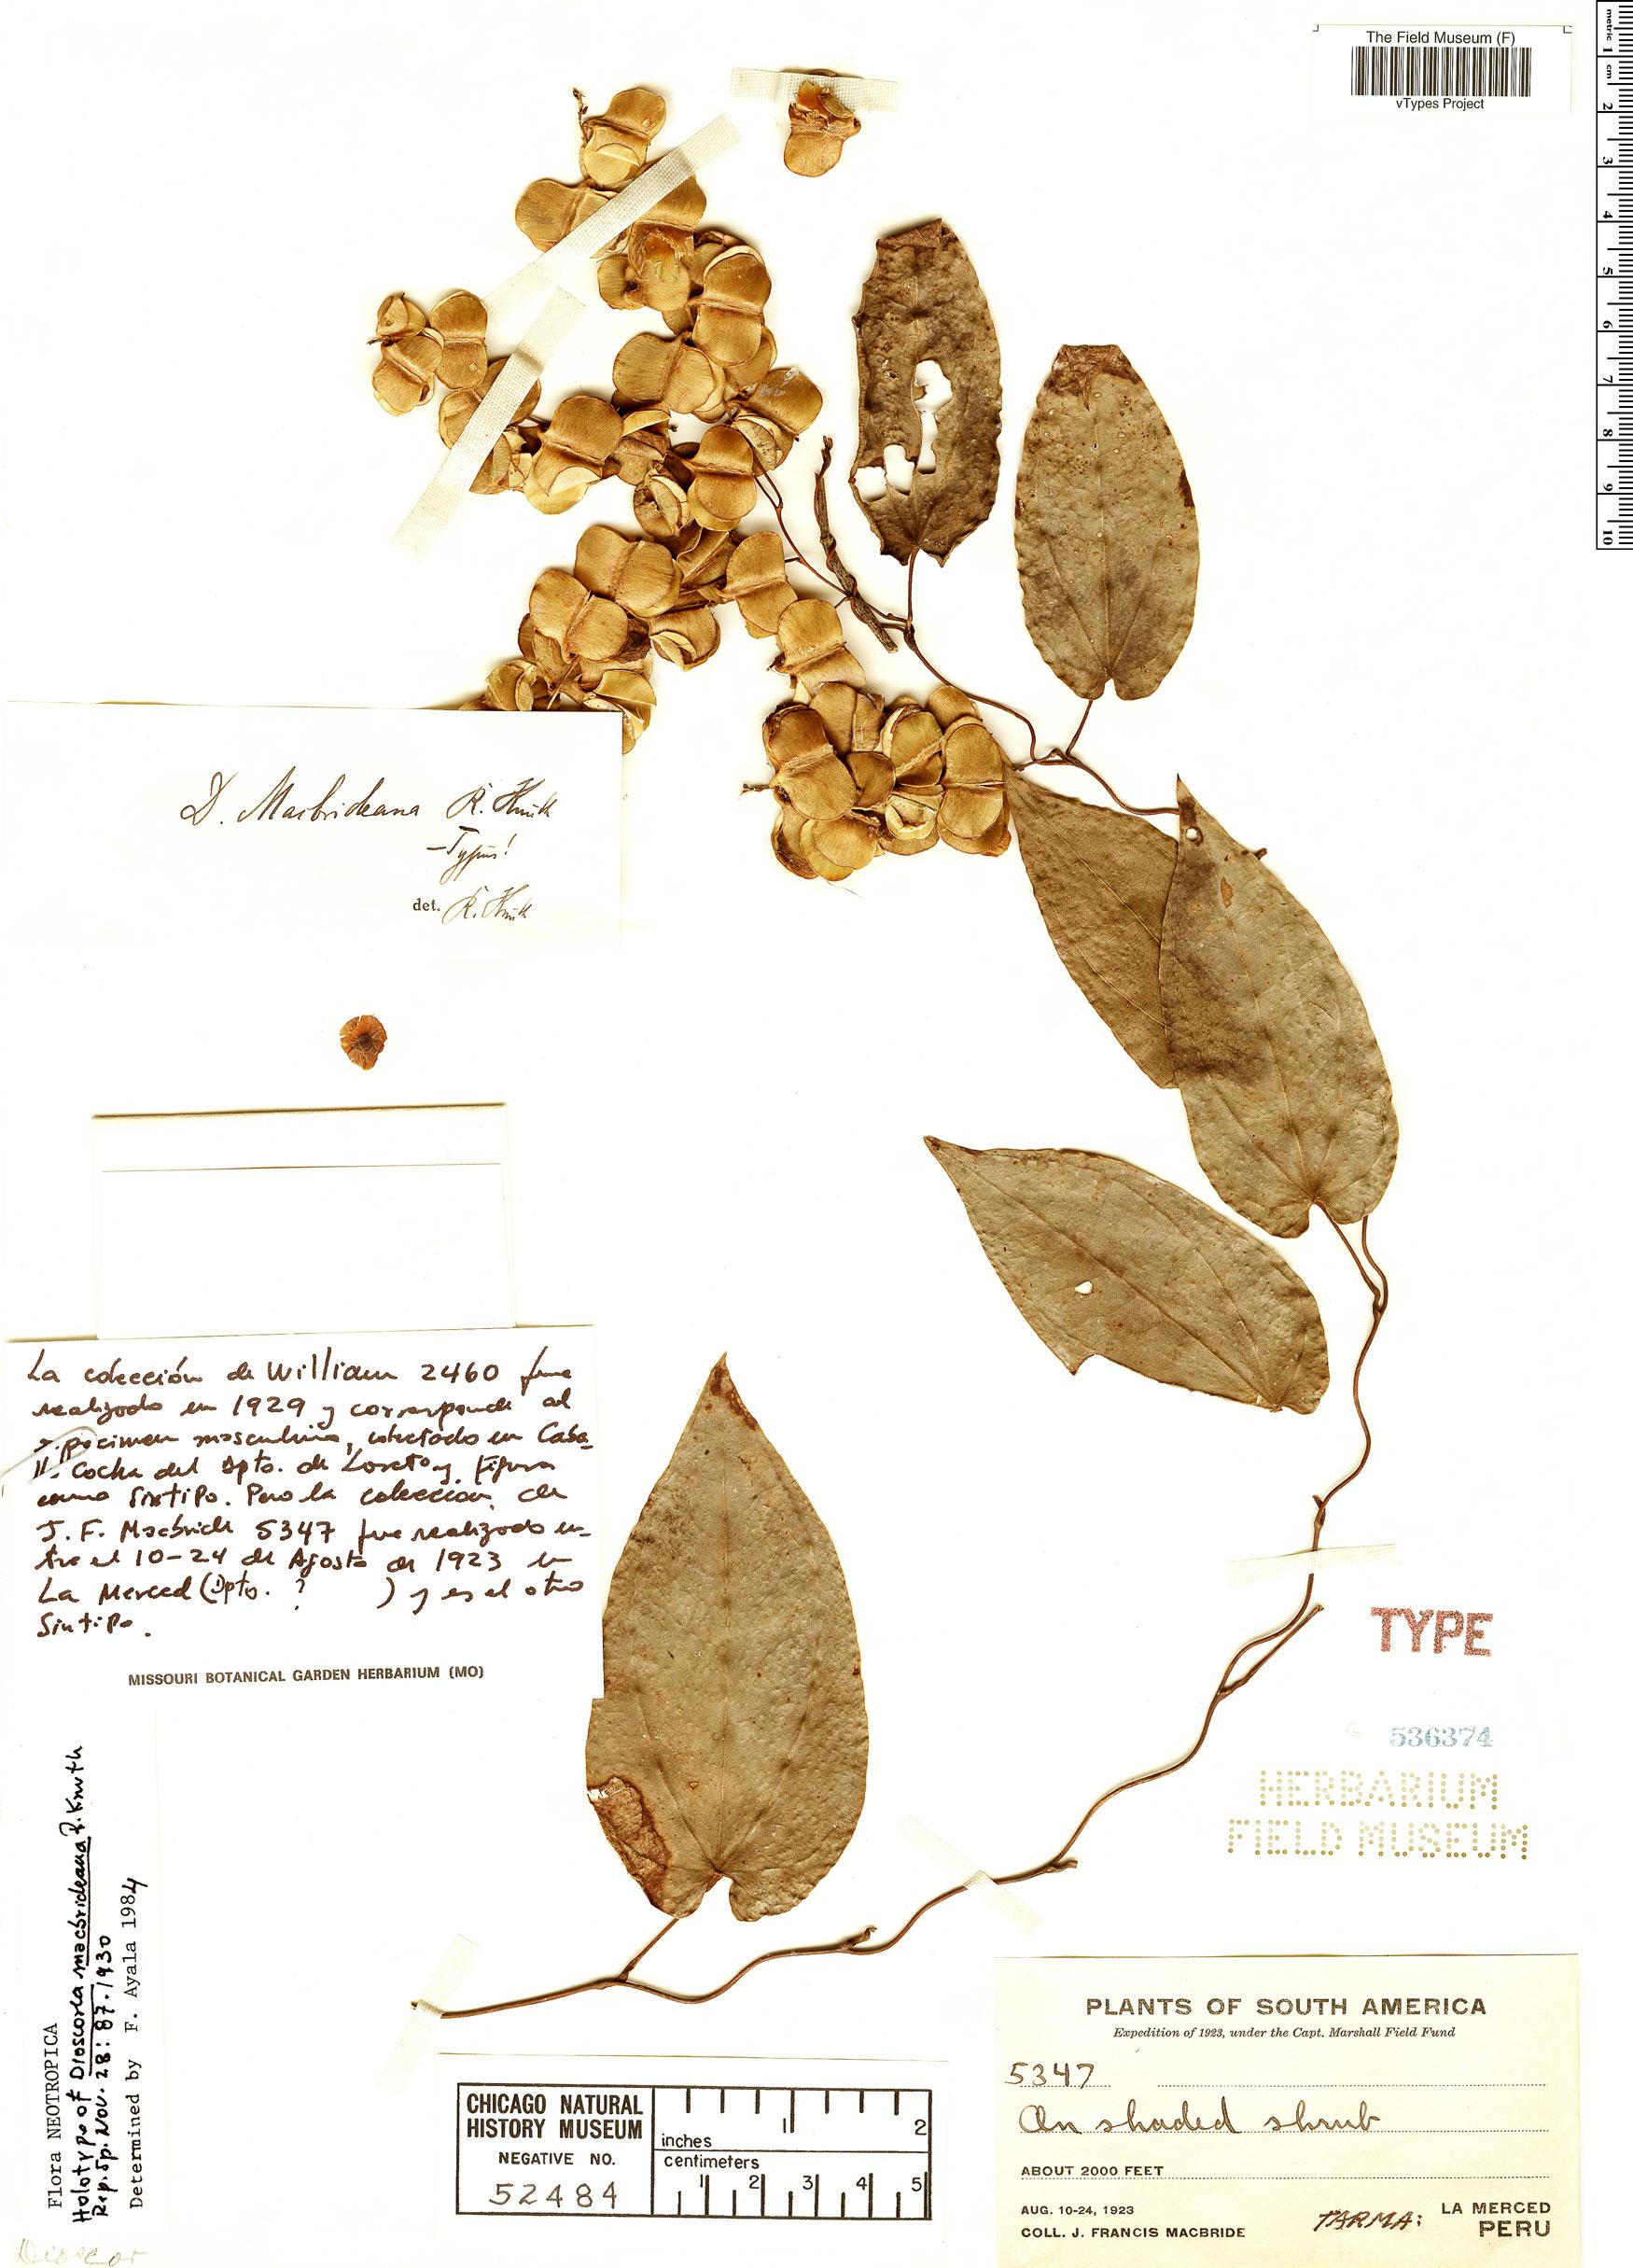 Specimen: Dioscorea macbrideana